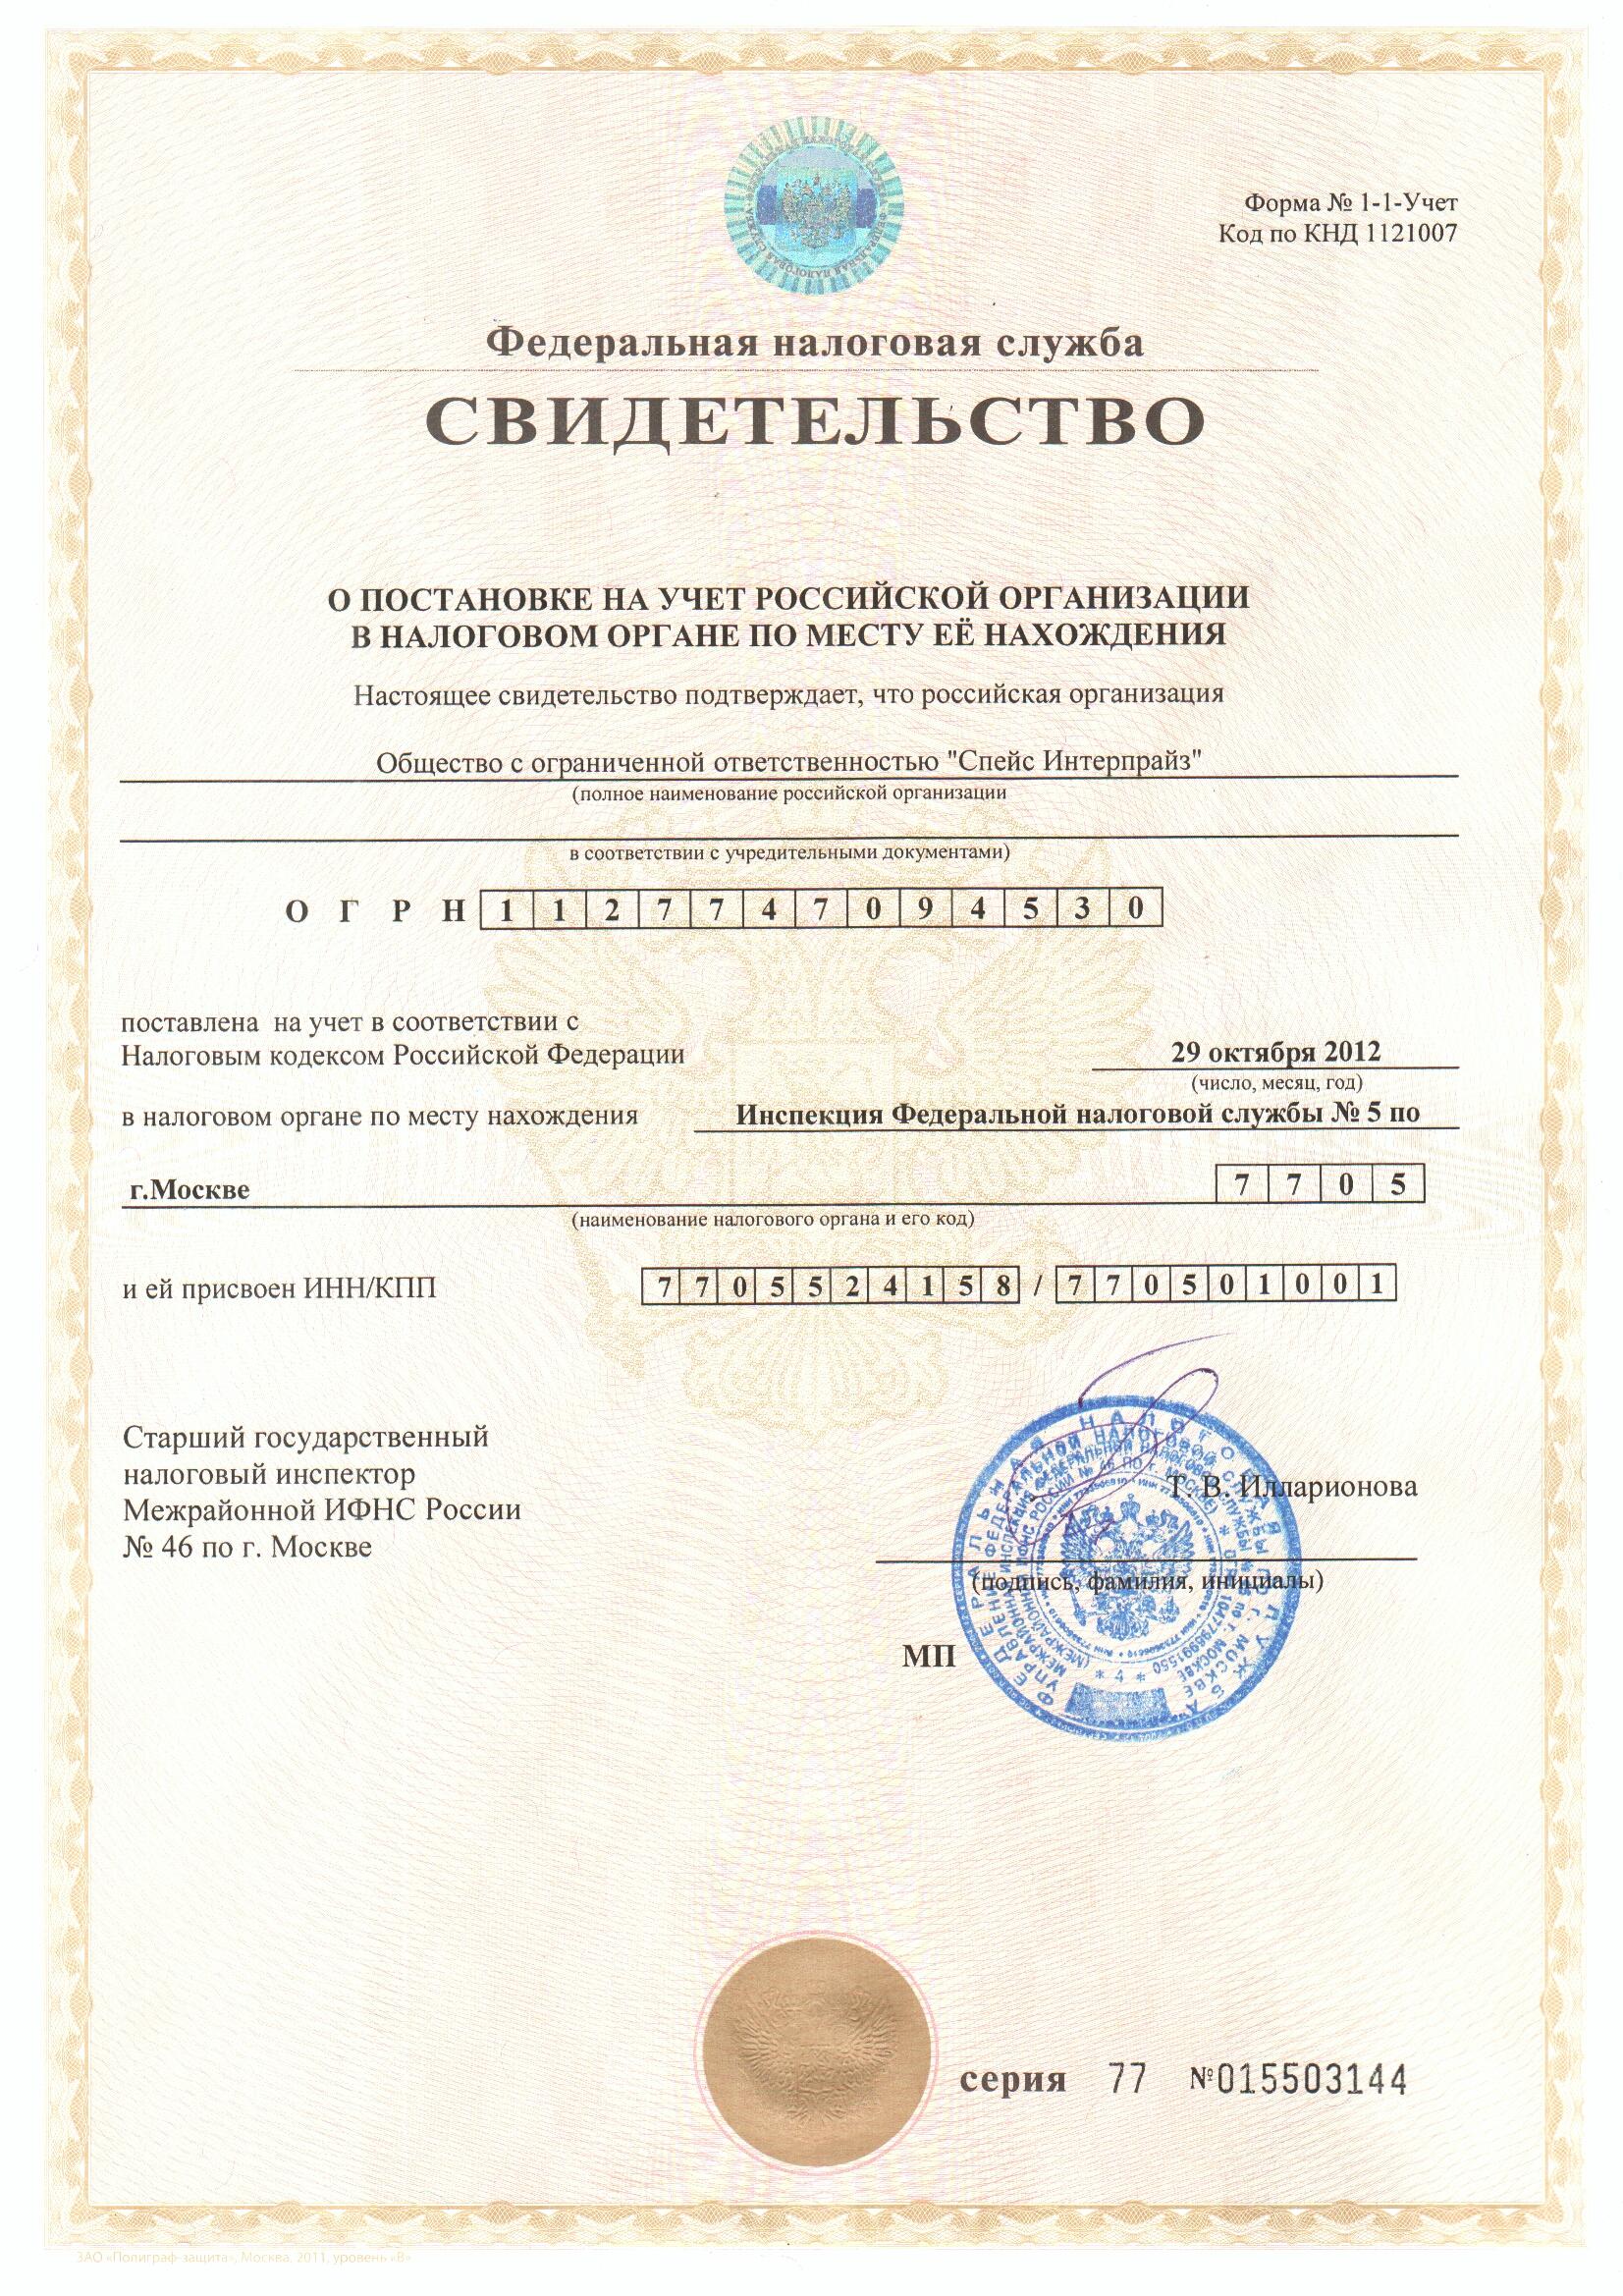 http://optimizaciya.ucoz.ru/svidetelstvo1.jpg